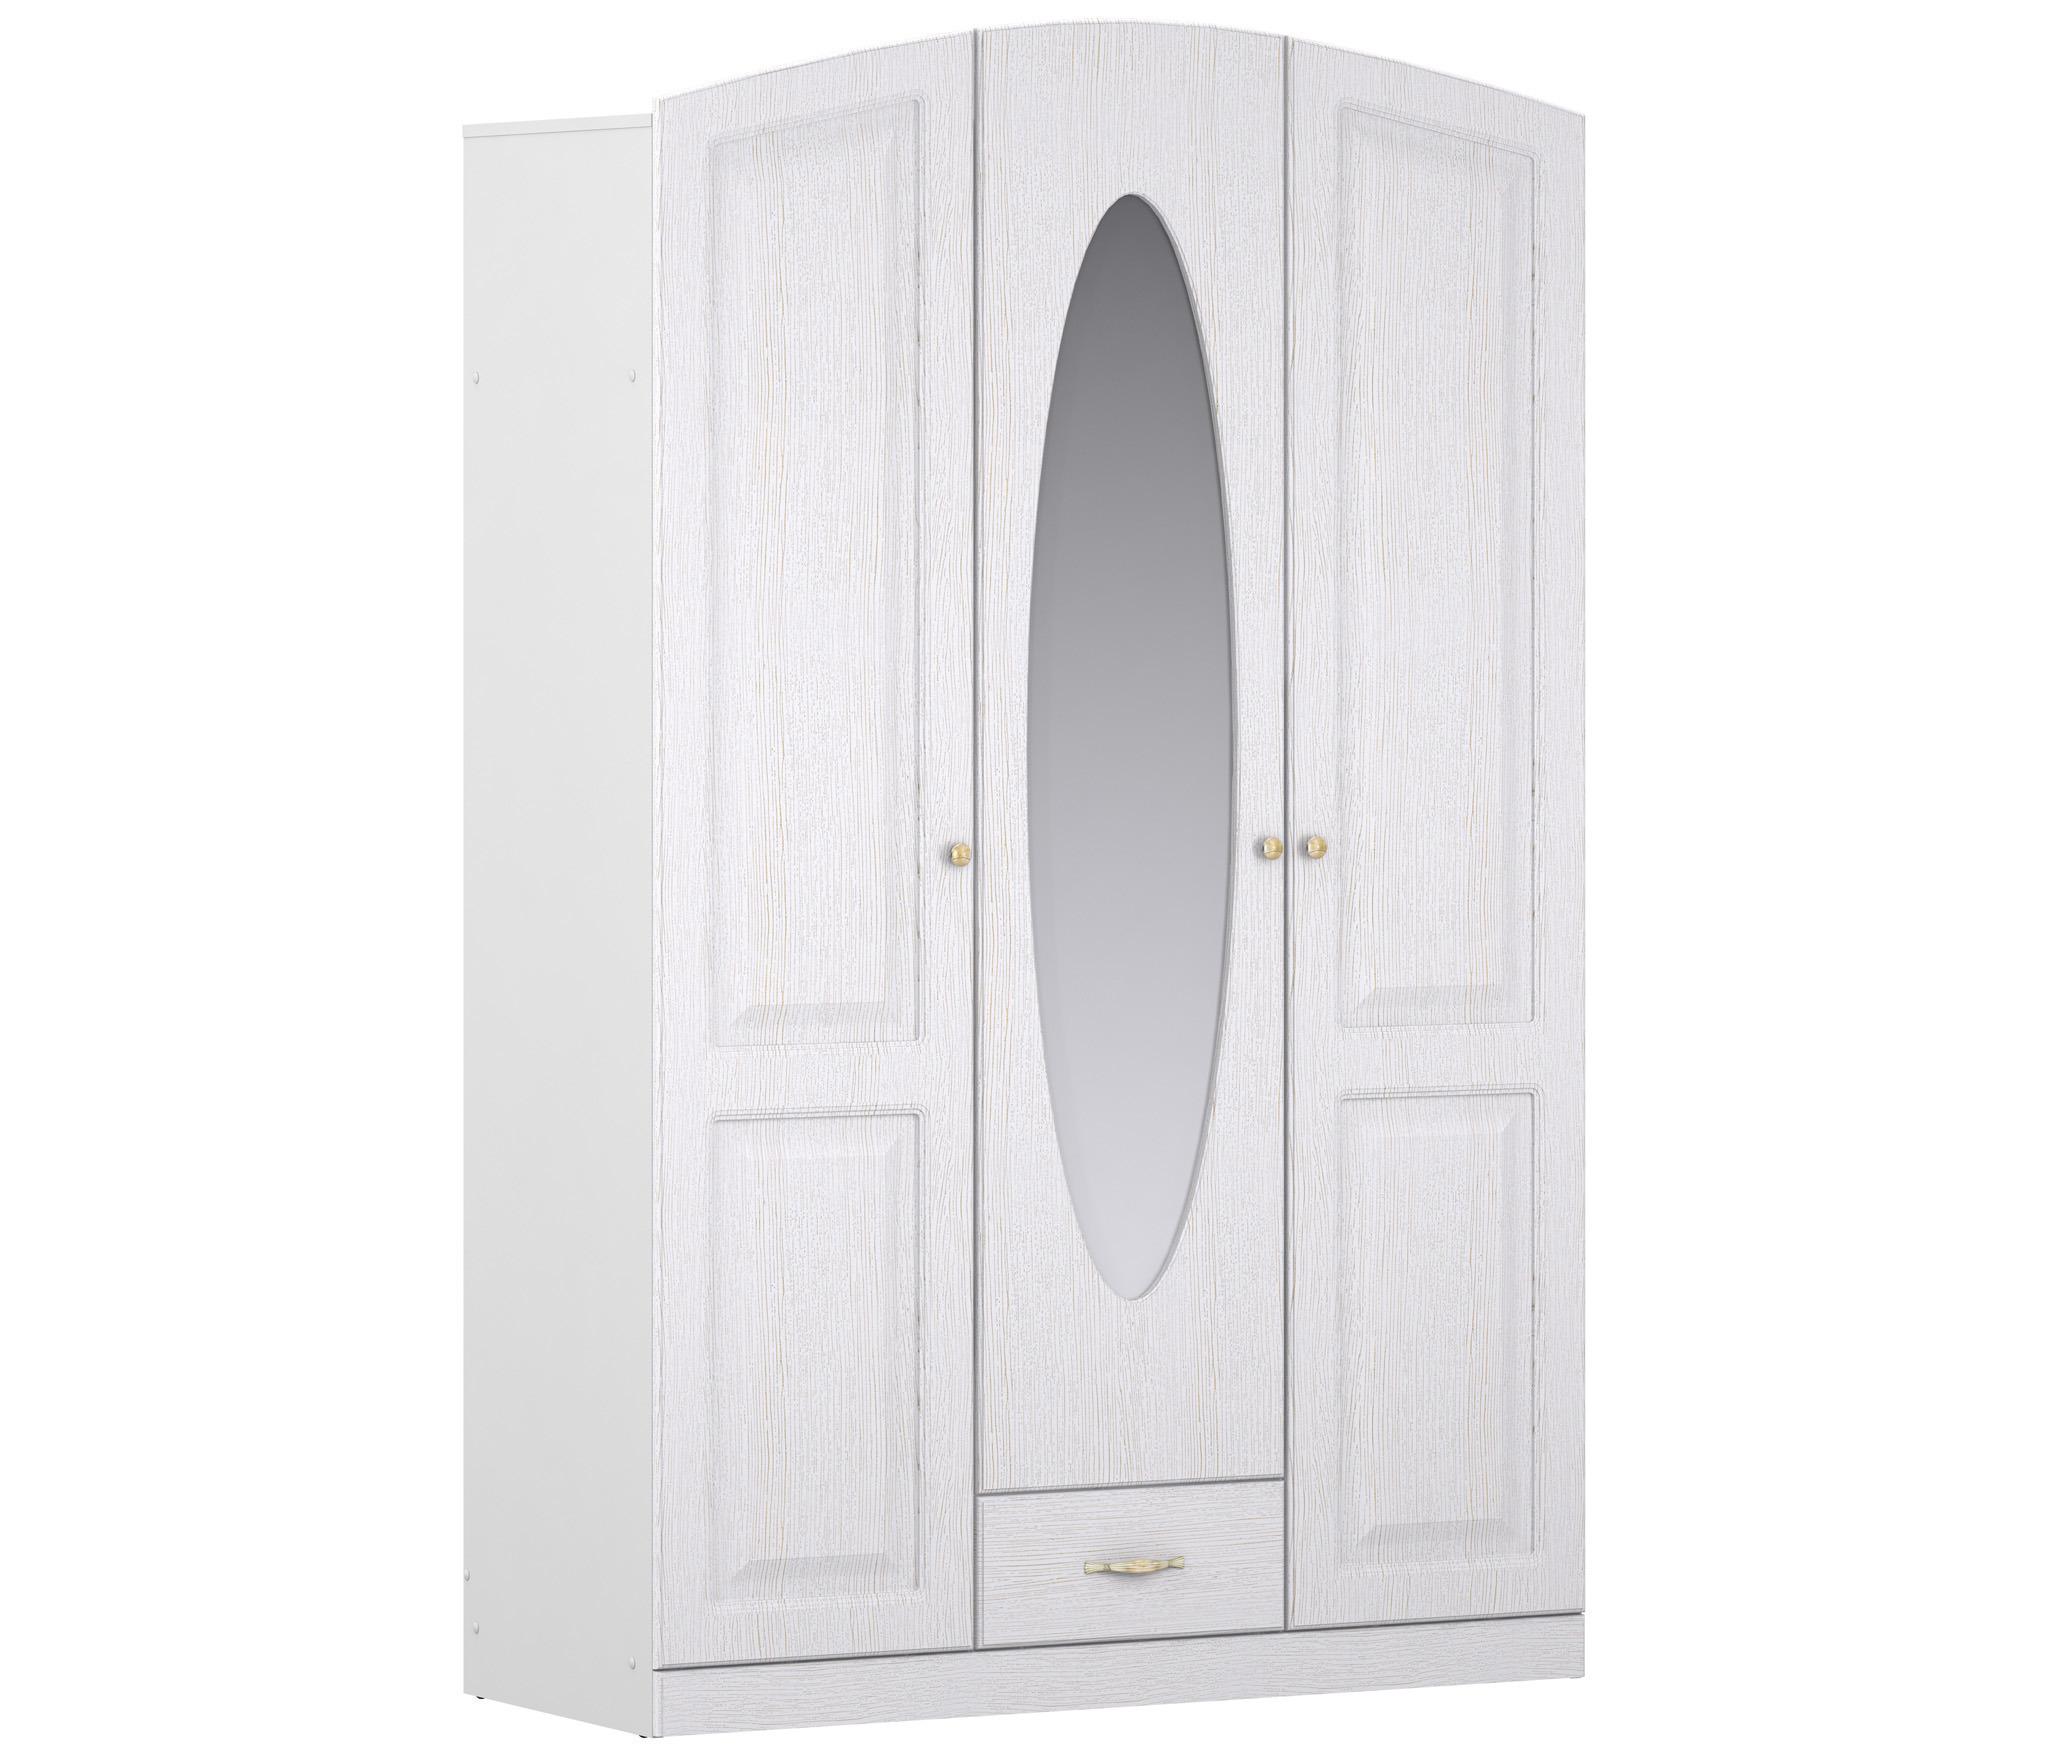 Кристина СБ-1862 Шкаф для одежды 3-х дверныйШкафы<br>Этот предмет мебели полностью отвечает всем необходимым функциональным требованиям.<br><br>Длина мм: 1350<br>Высота мм: 2144<br>Глубина мм: 559